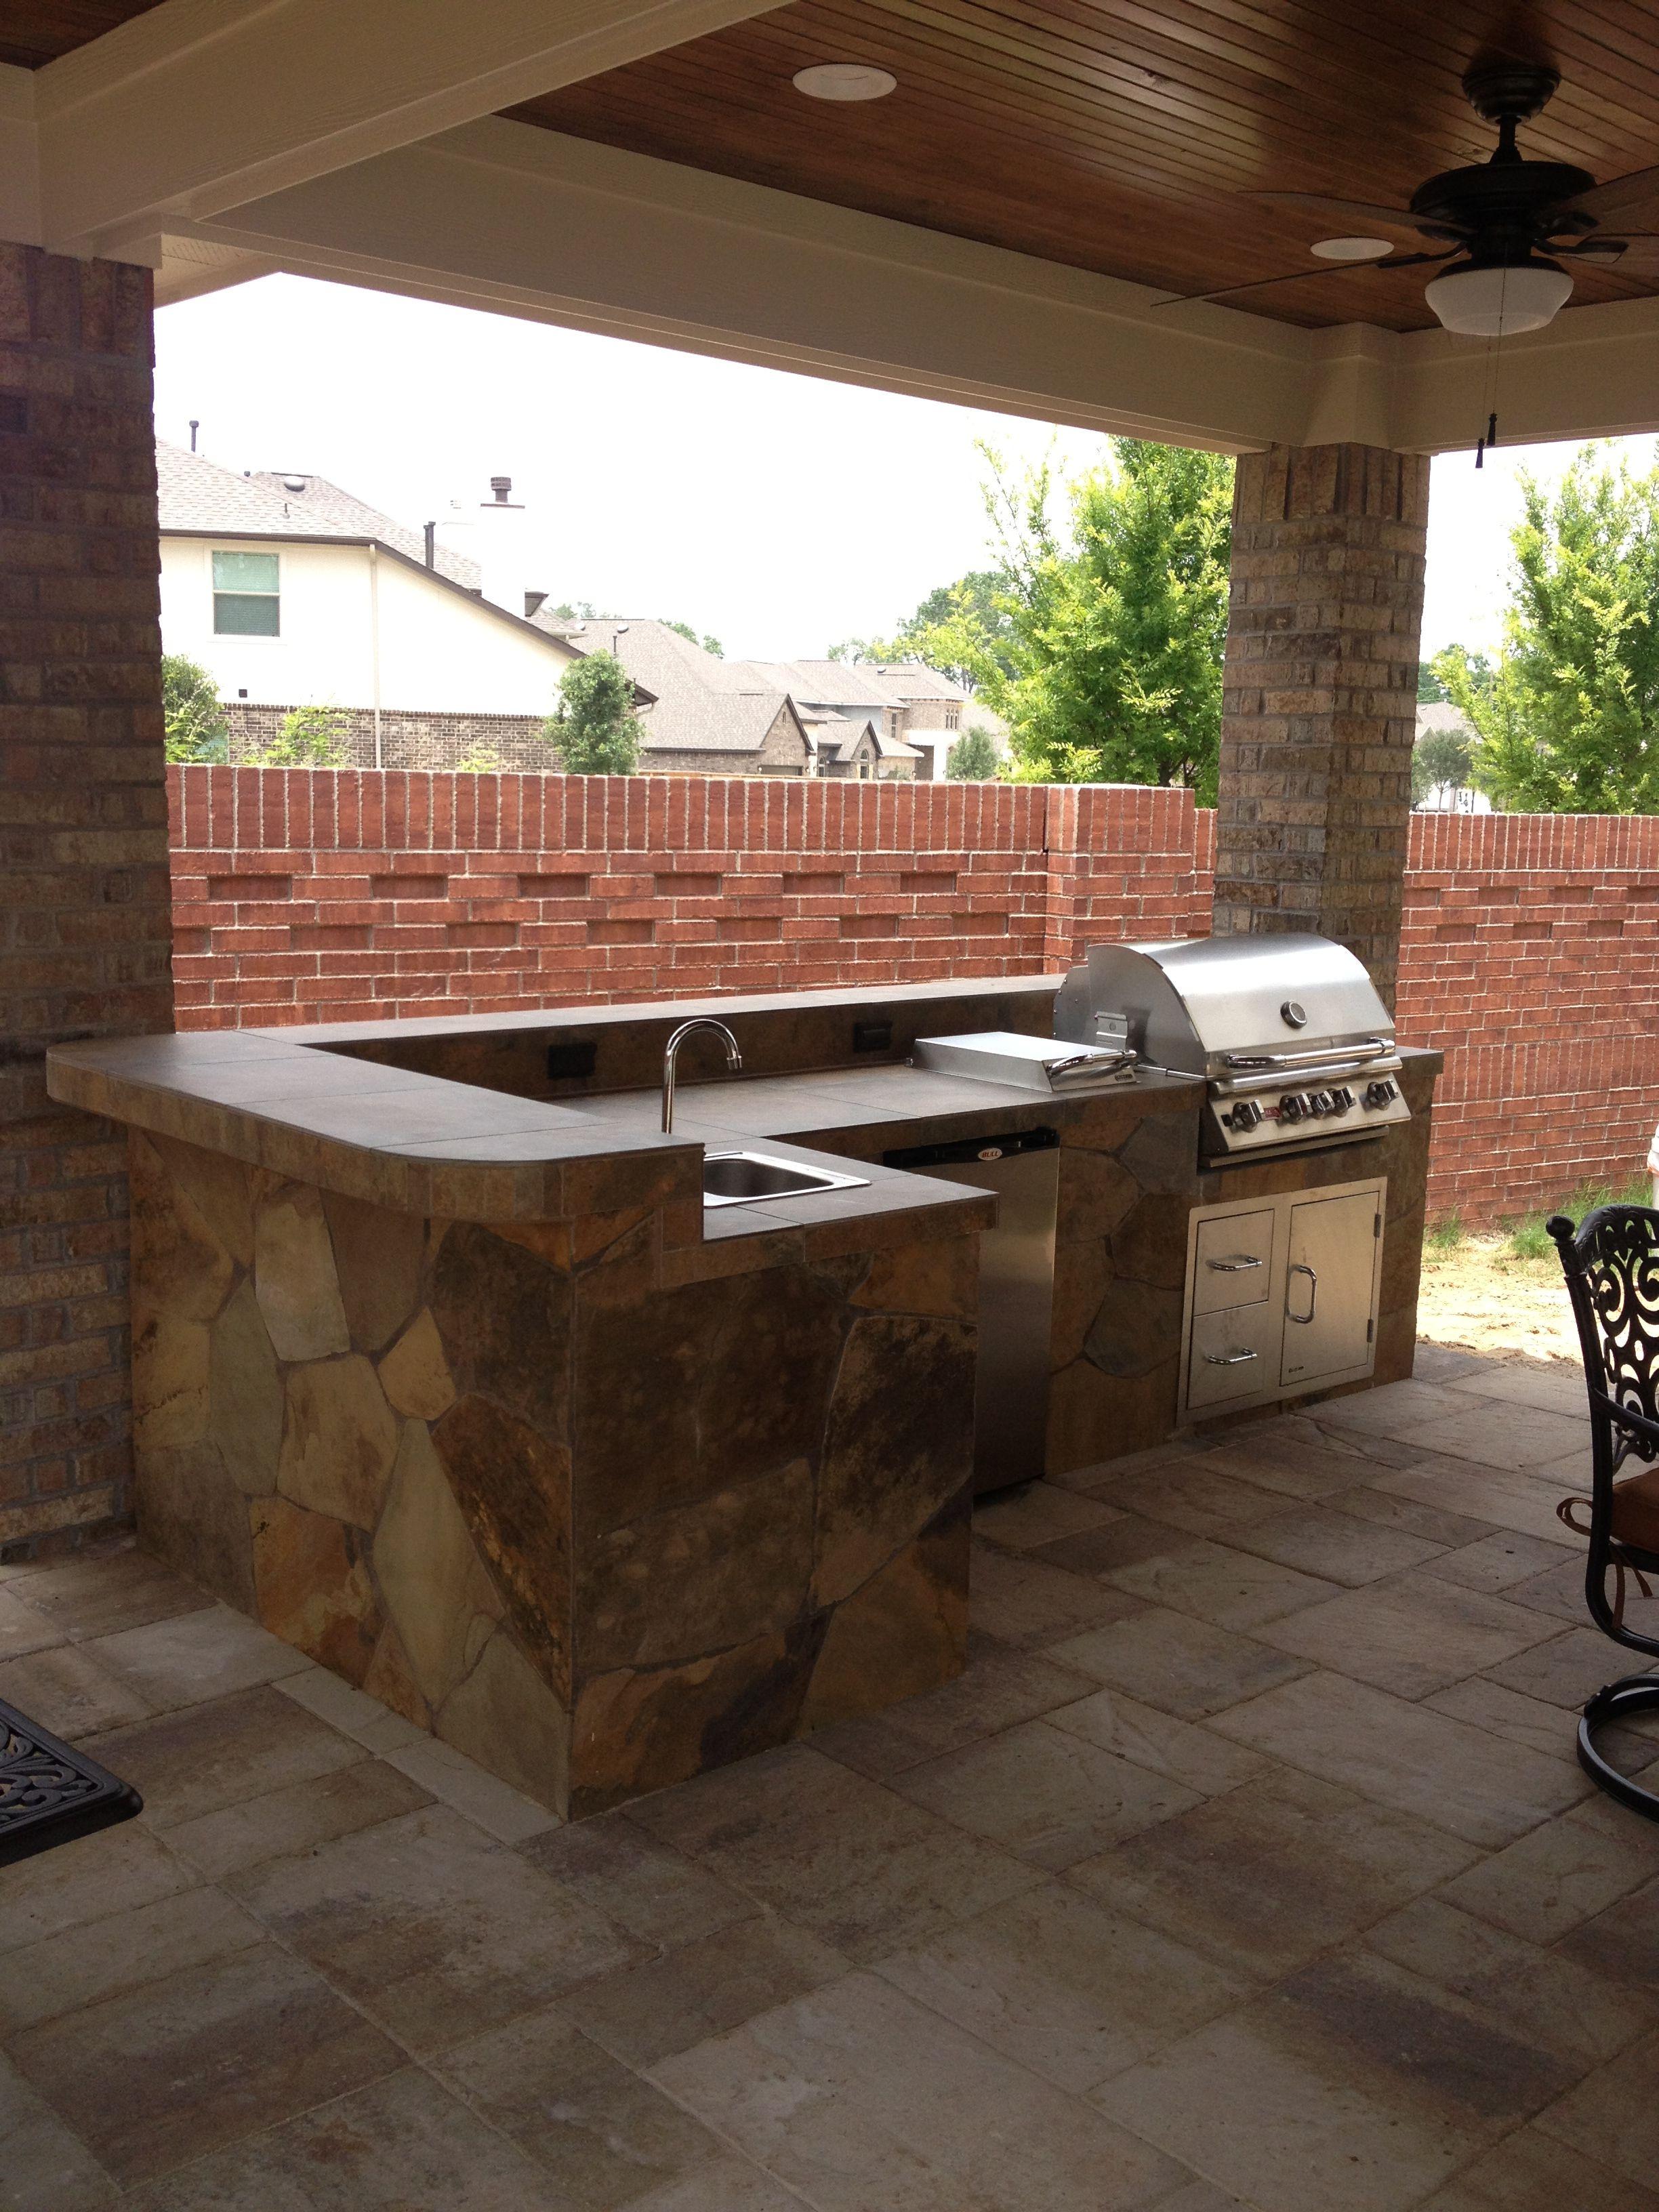 outdoor kitchen backyard paradise brick kitchen on outdoor kitchen yard id=66794